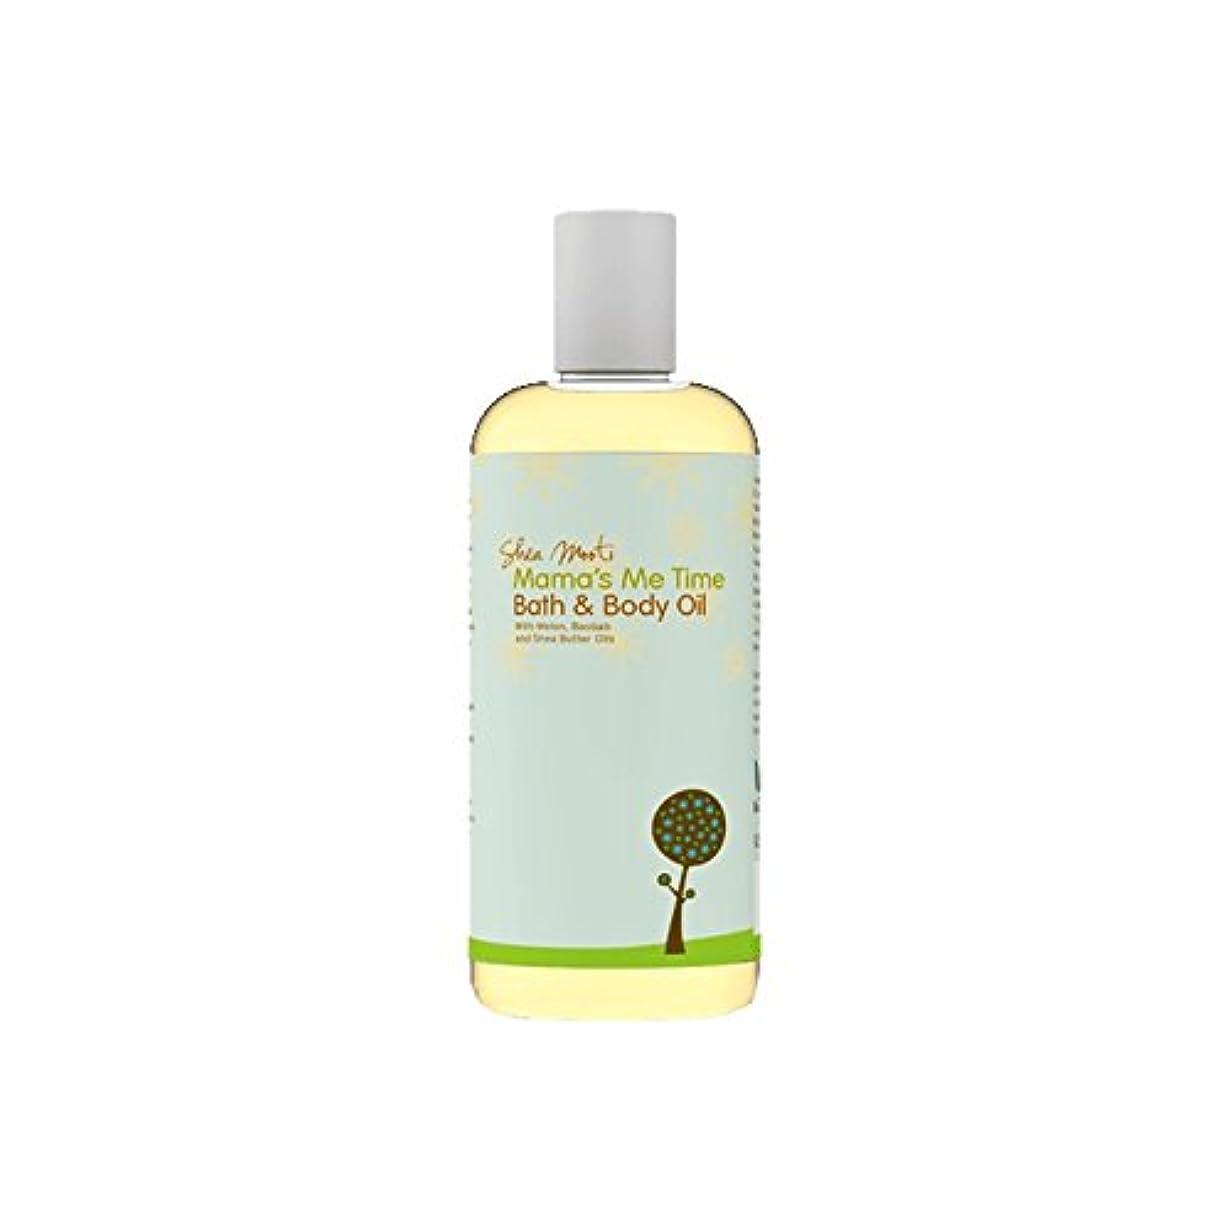 提案抑止するガレージShea Mooti Mama's Me Time Bath and Body Oil 110g (Pack of 6) - シアバターMootiママの私の時間のバス、ボディオイル110グラム (x6) [並行輸入品]